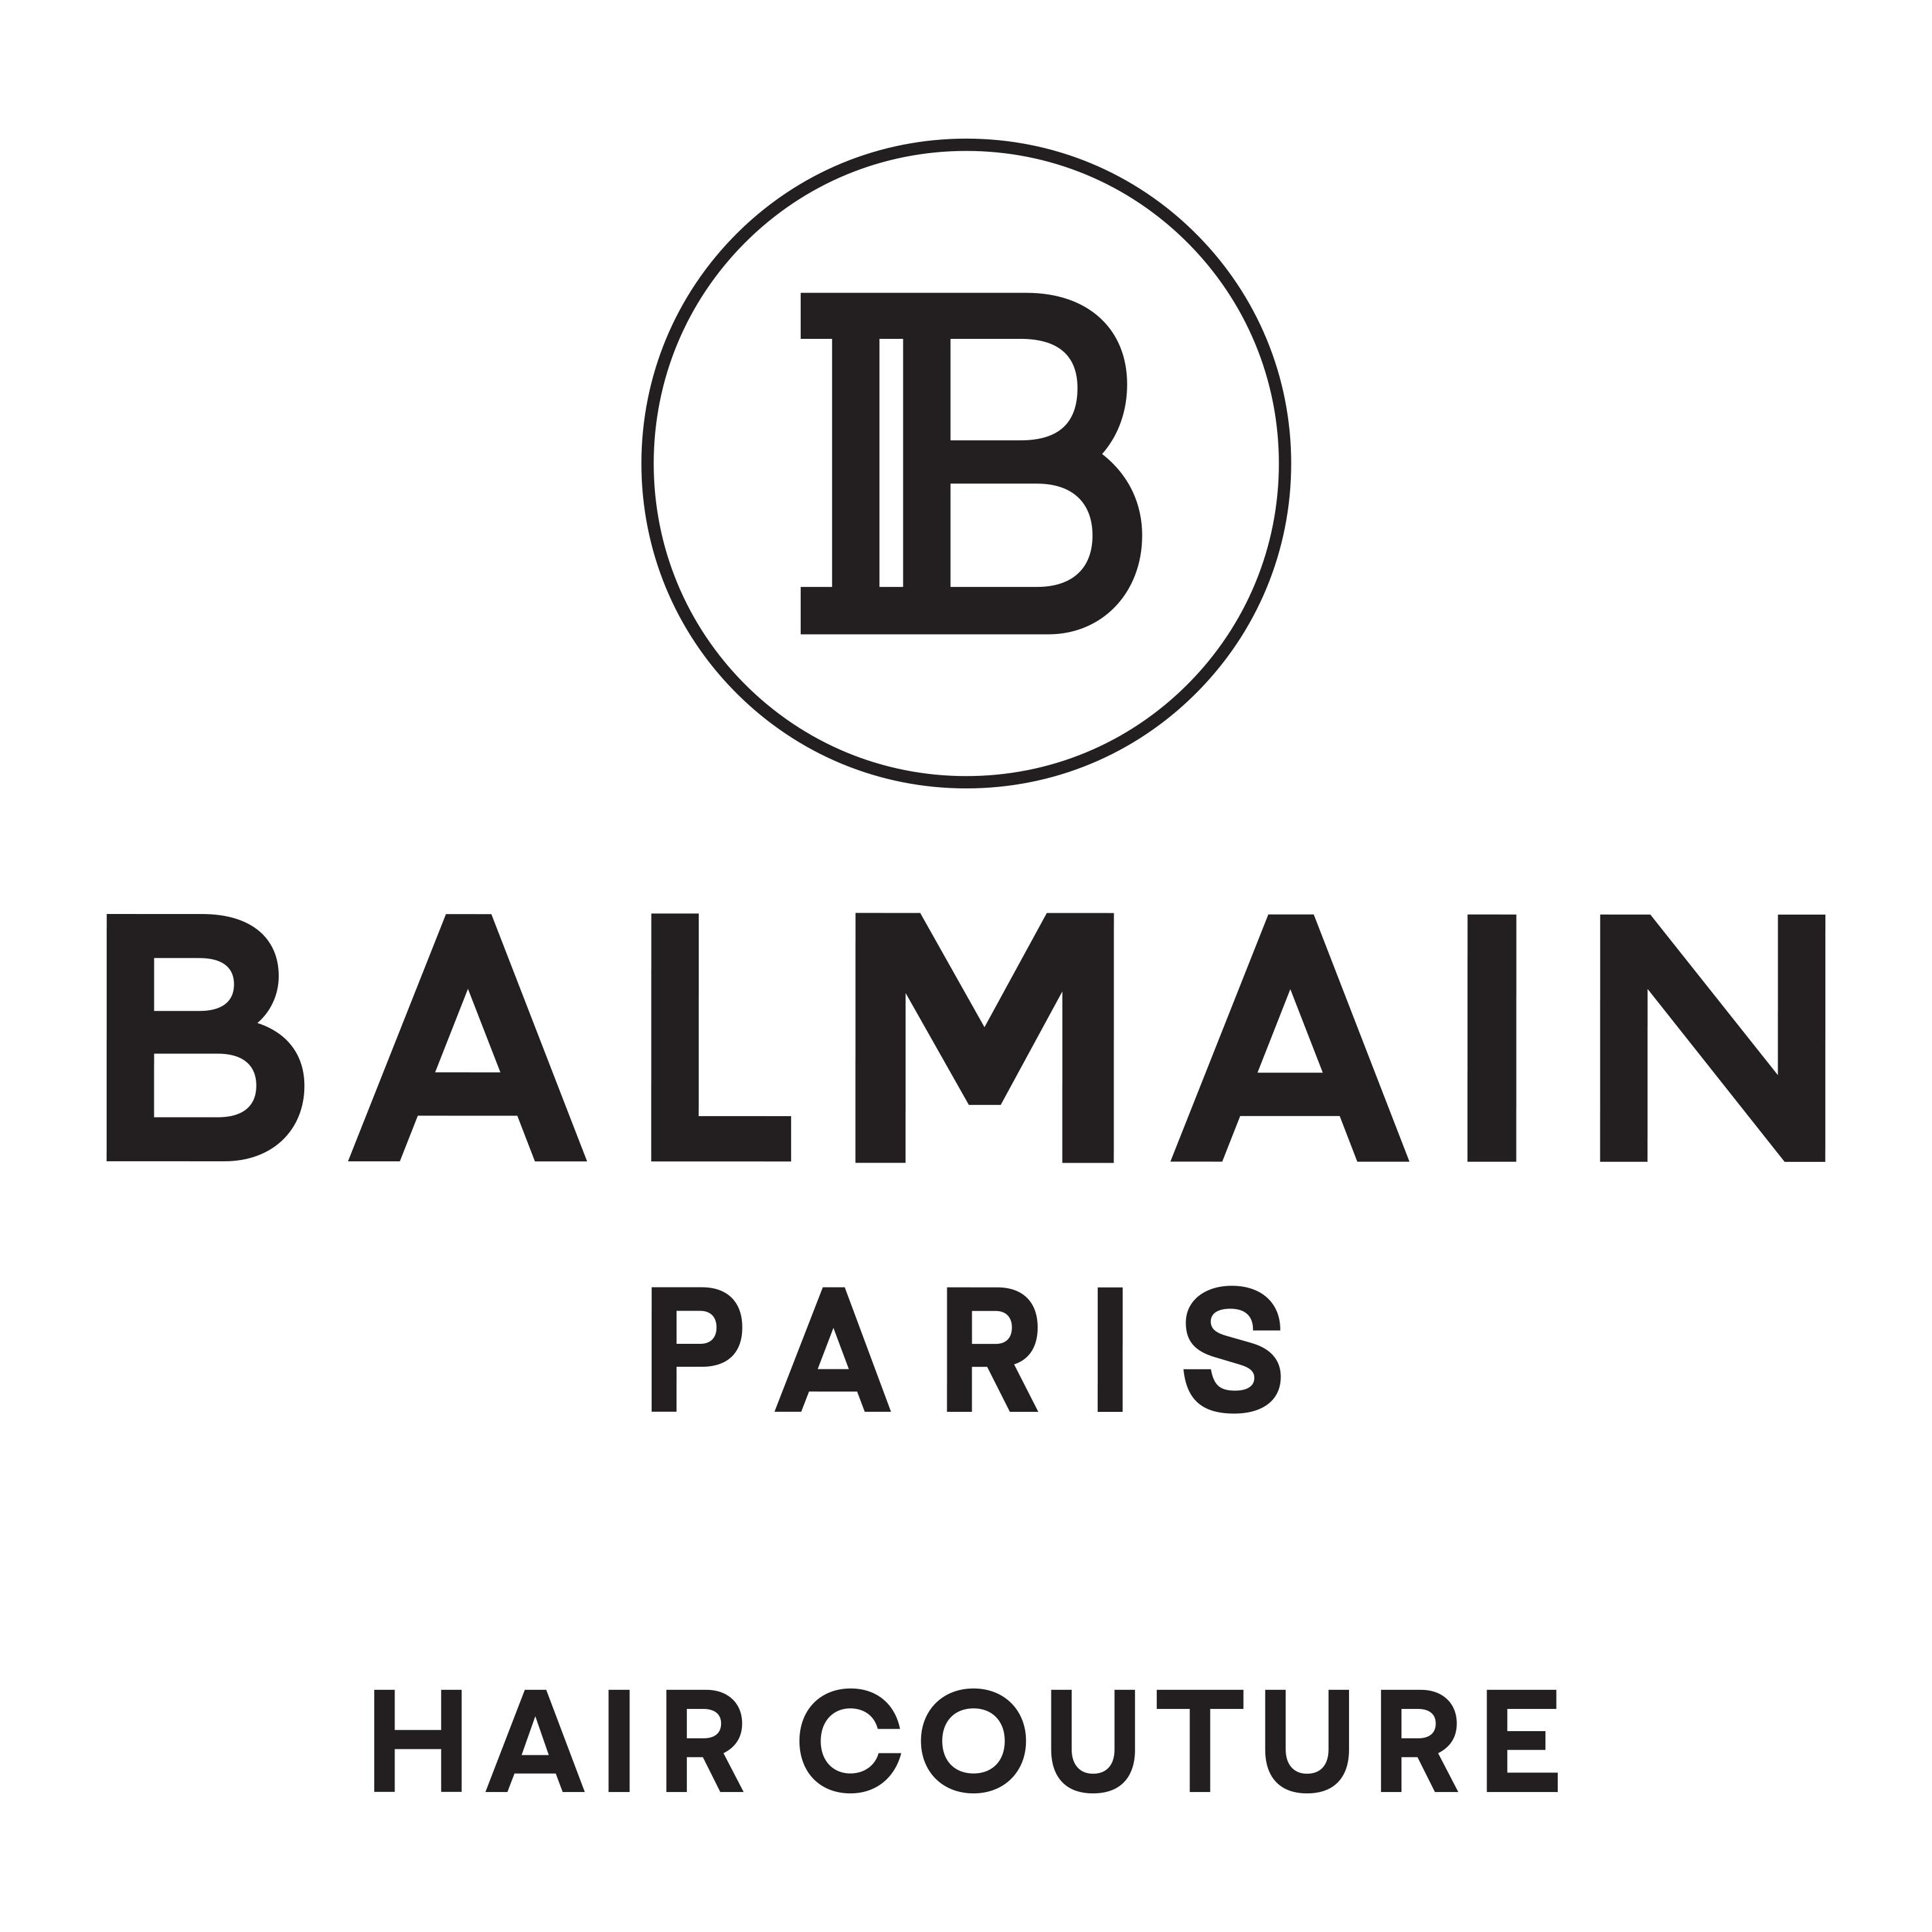 BALMAIN PARIS HAIR COUTURE